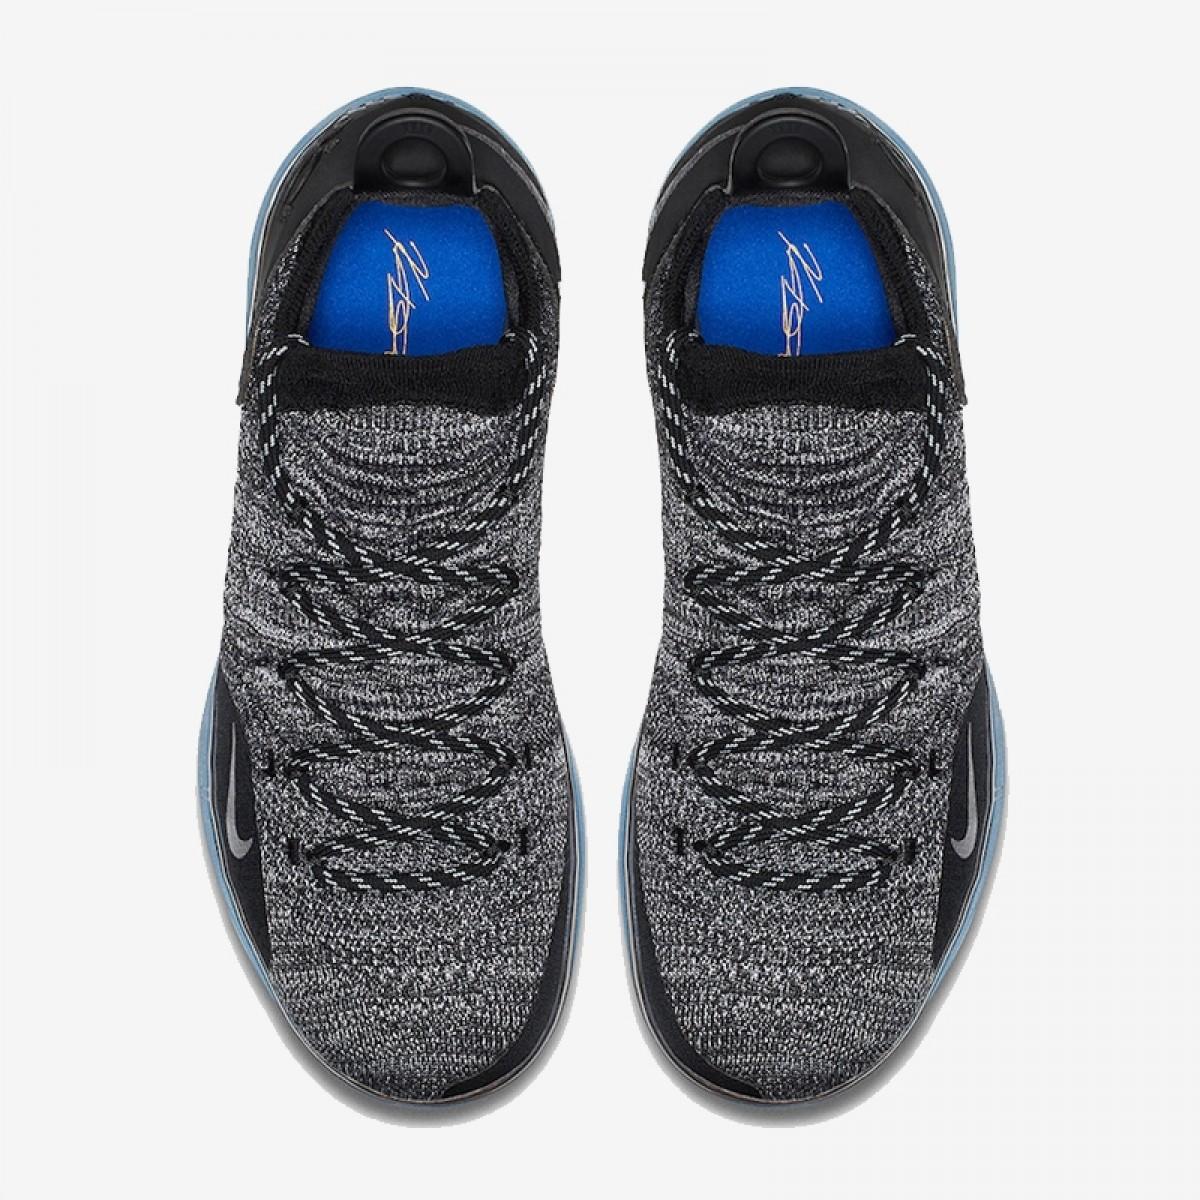 Nike KD 11 'Still KD' AO2604-004